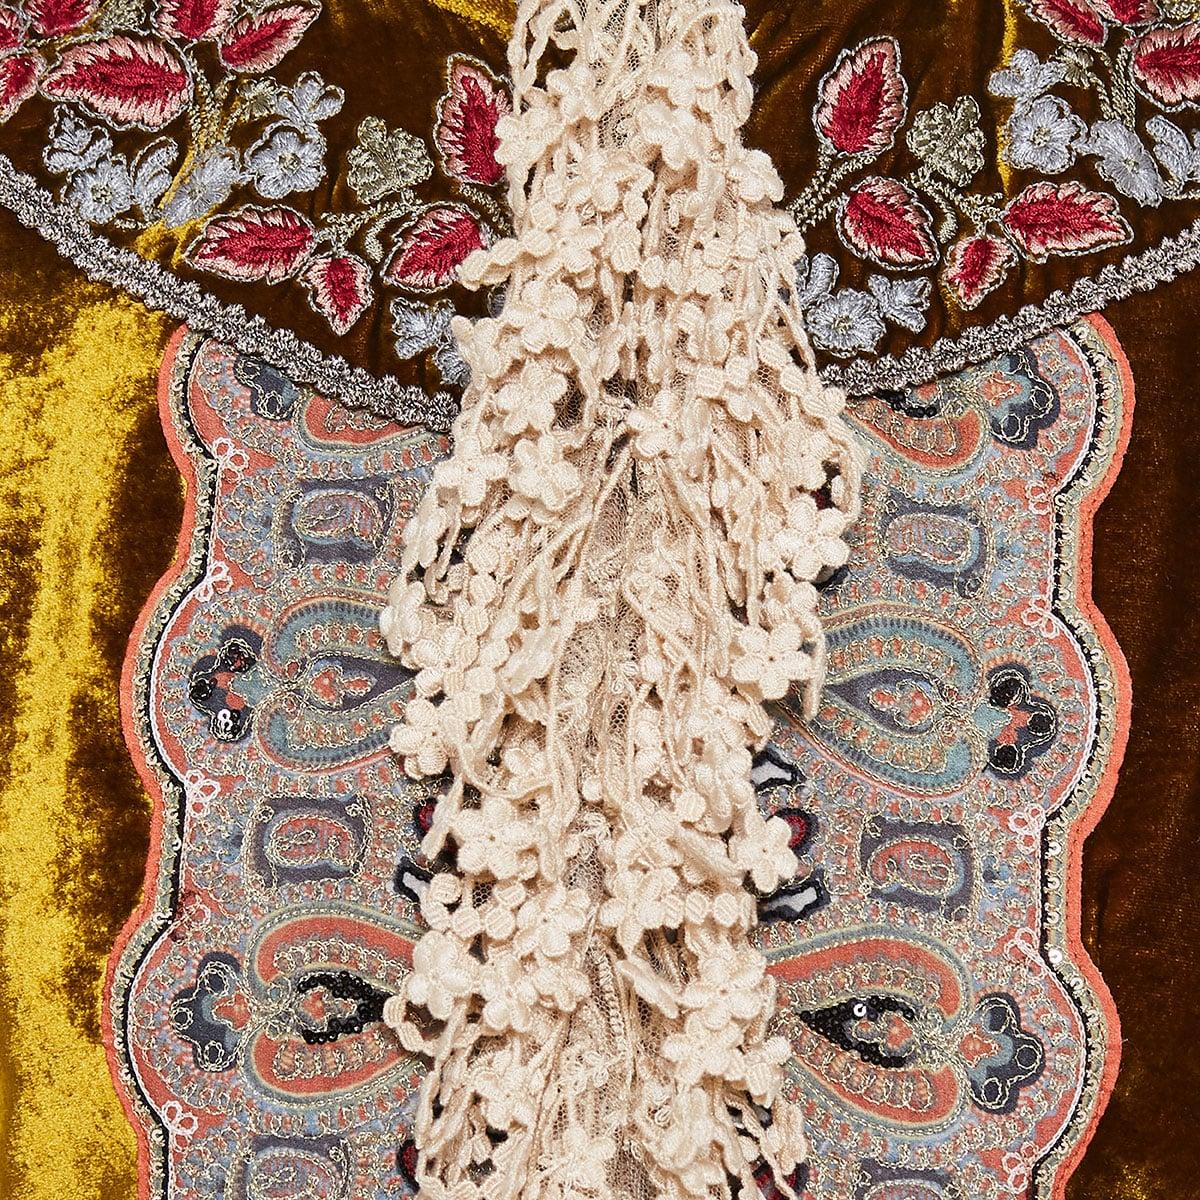 Lace-trimmed embroidered velvet jacket